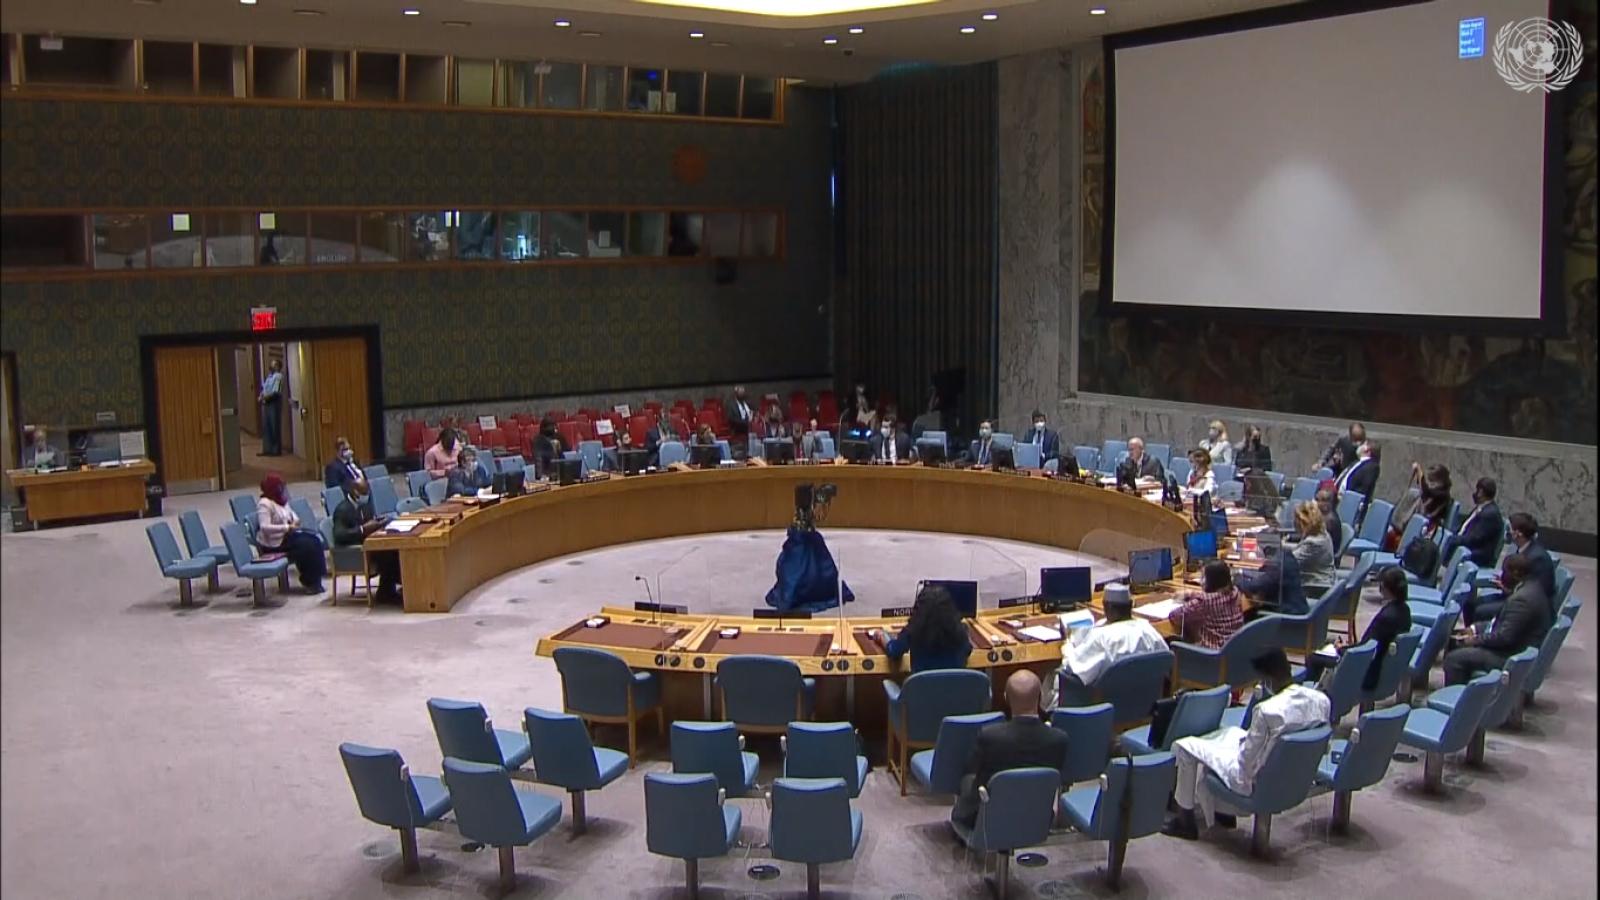 Hội đồng Bảo an Liên Hợp Quốc họp về tình hình Sudan, Somalia và Cao nguyên Golan